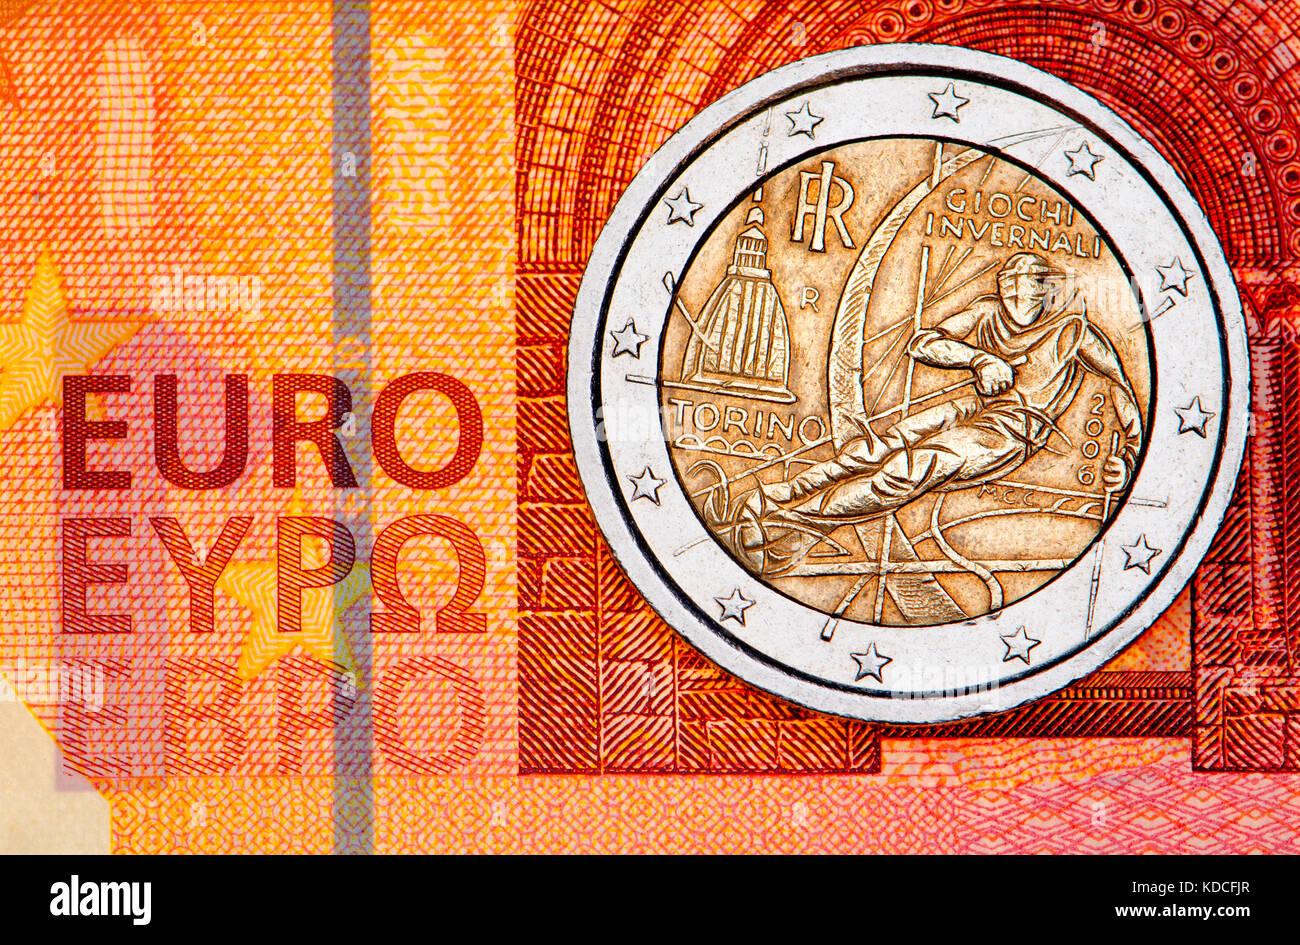 Italienische 2 Euro Münze Auf 10 Euro Hinweis Die Olympischen